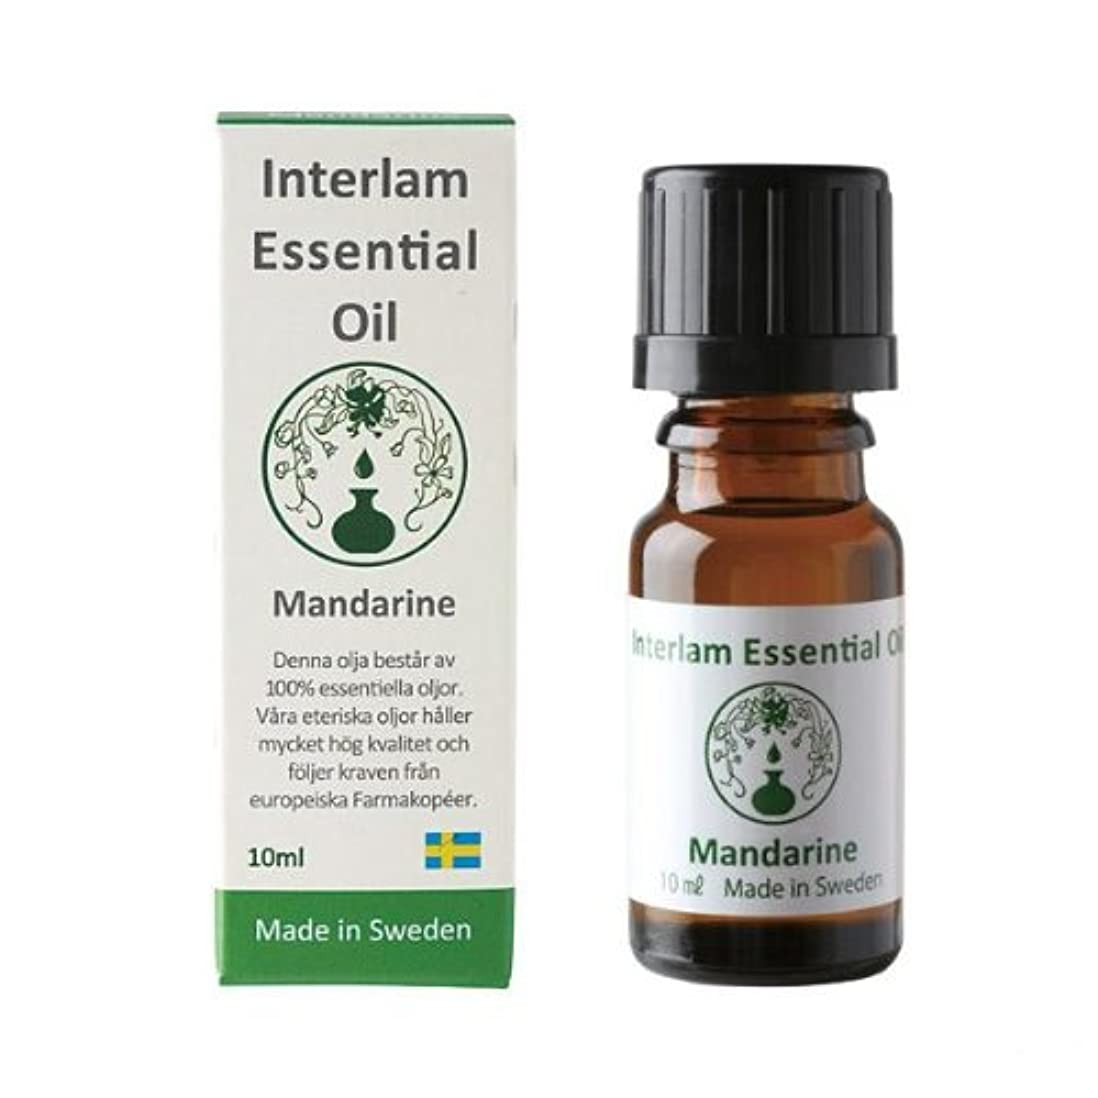 アクション天のズームインするInterlam Essential Oil マンダリン 10ml